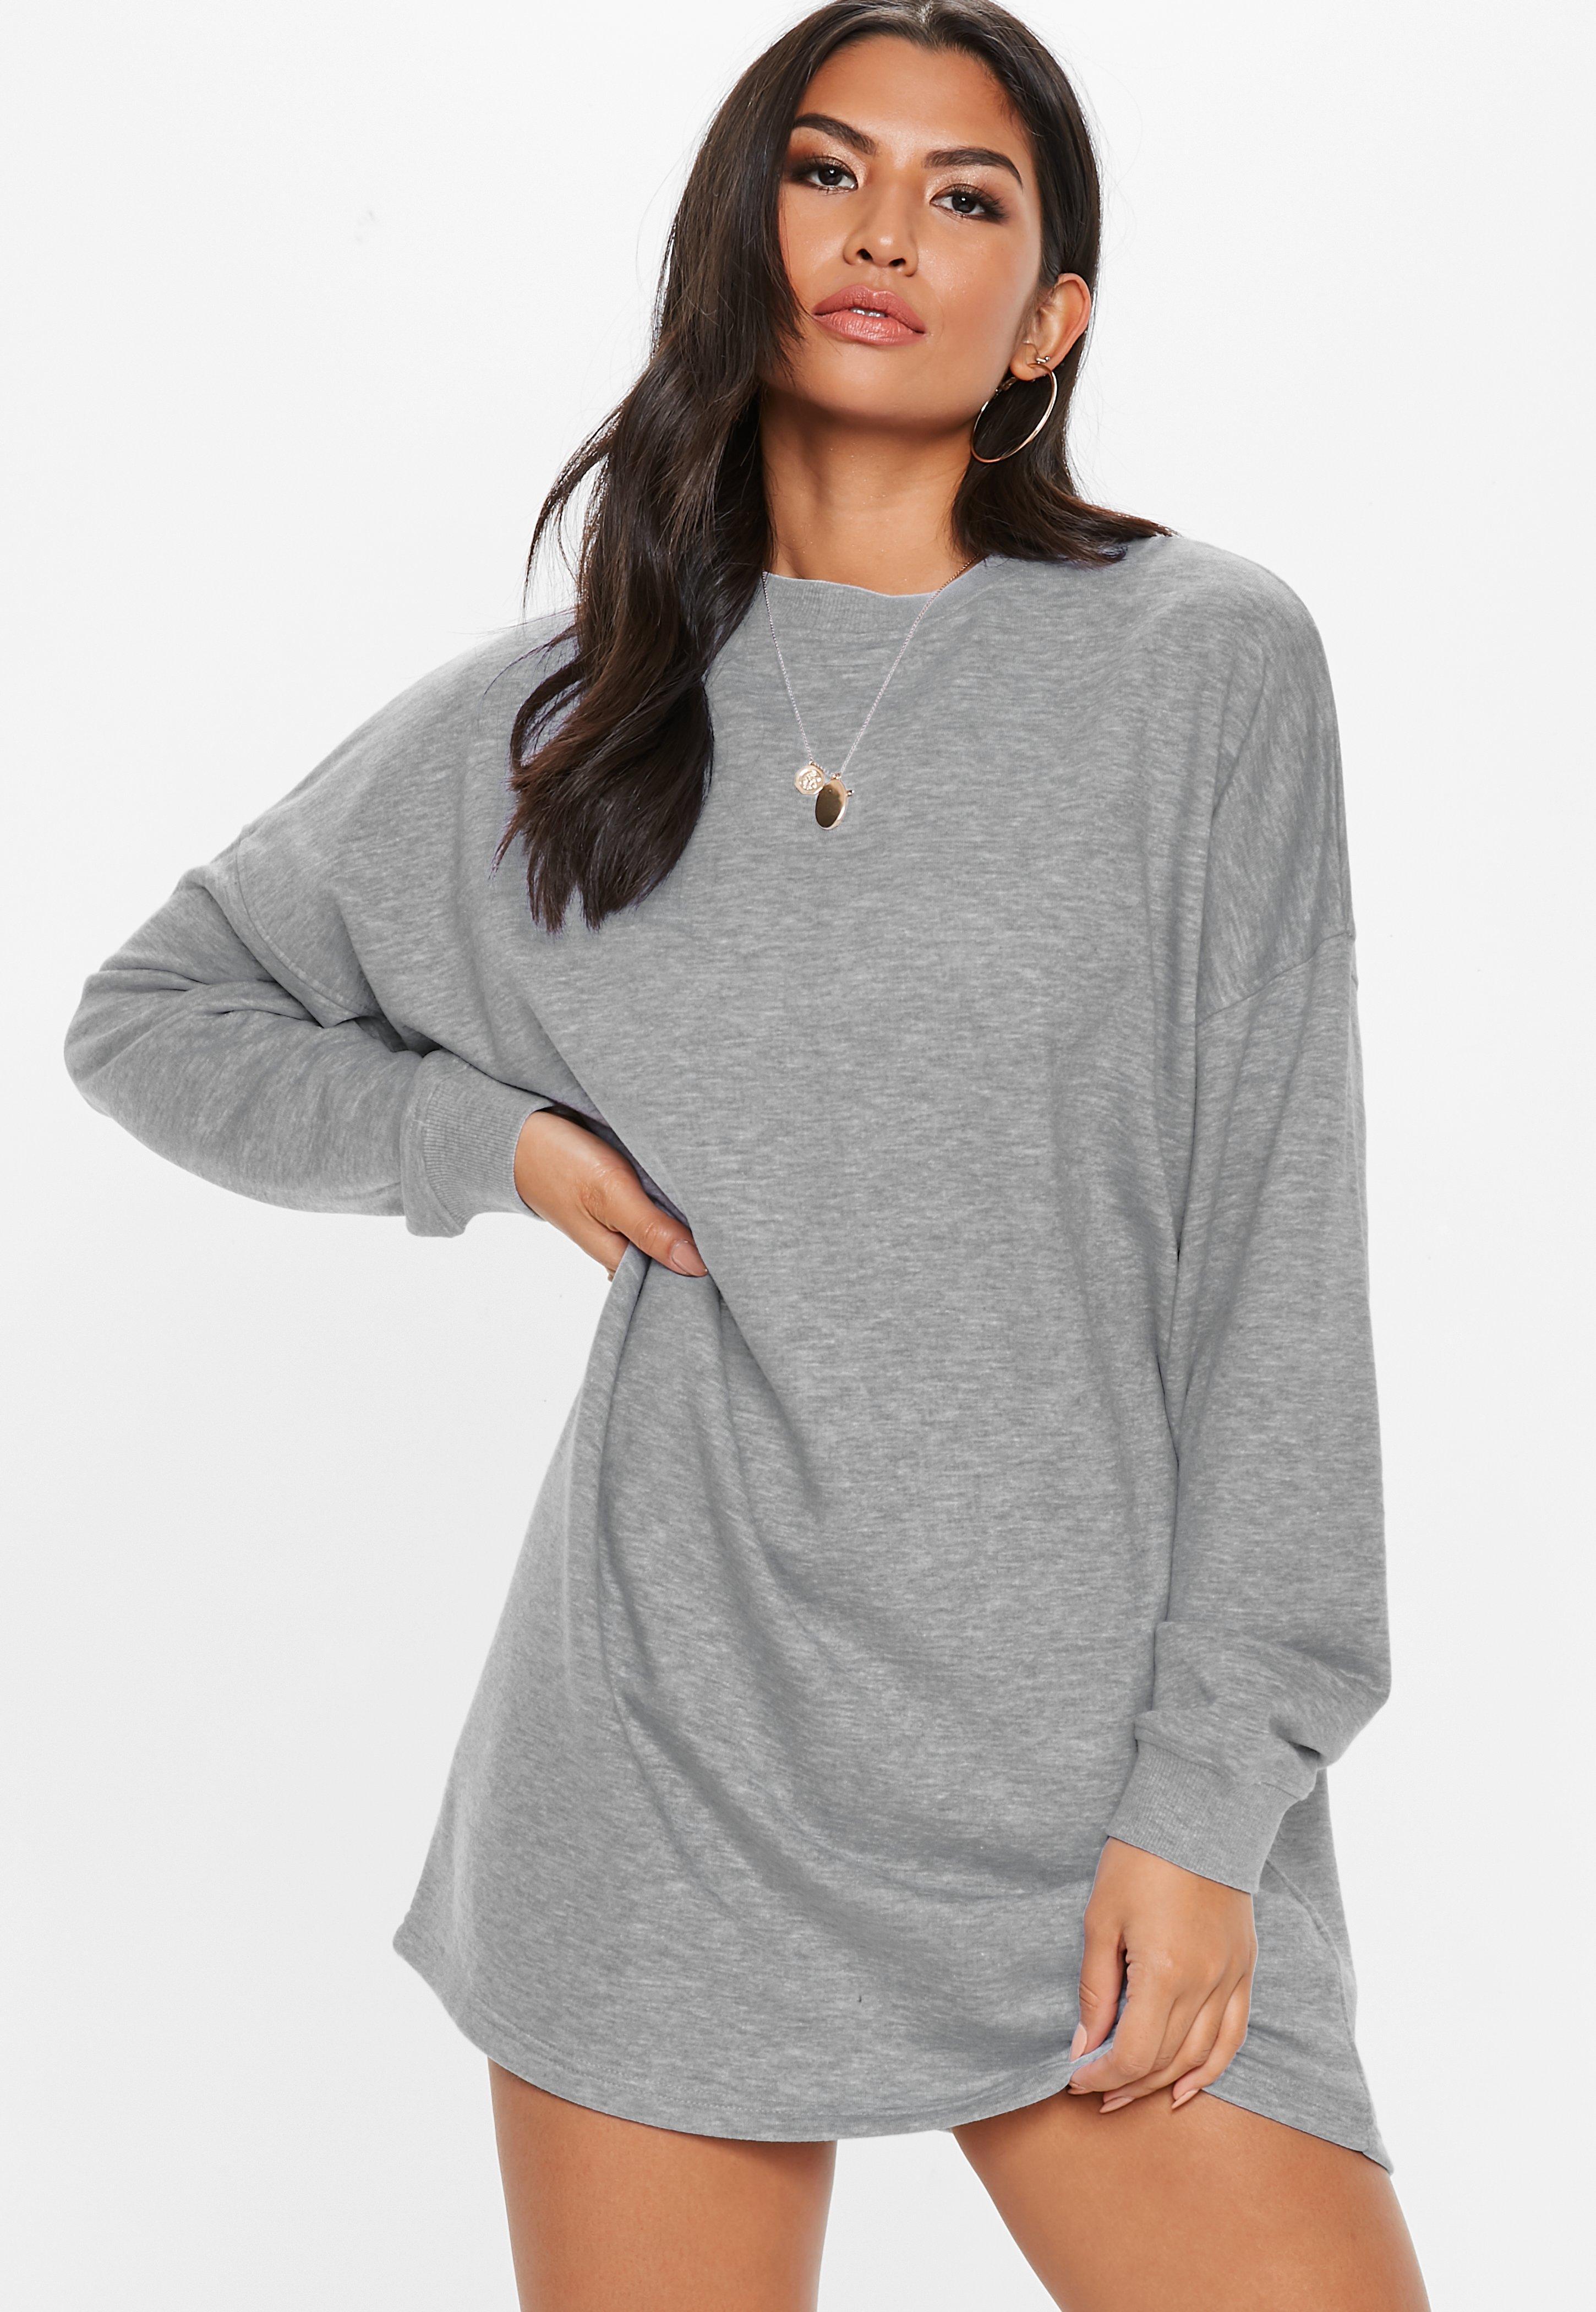 juste prix artisanat de qualité acheter populaire Robe pull oversize grise